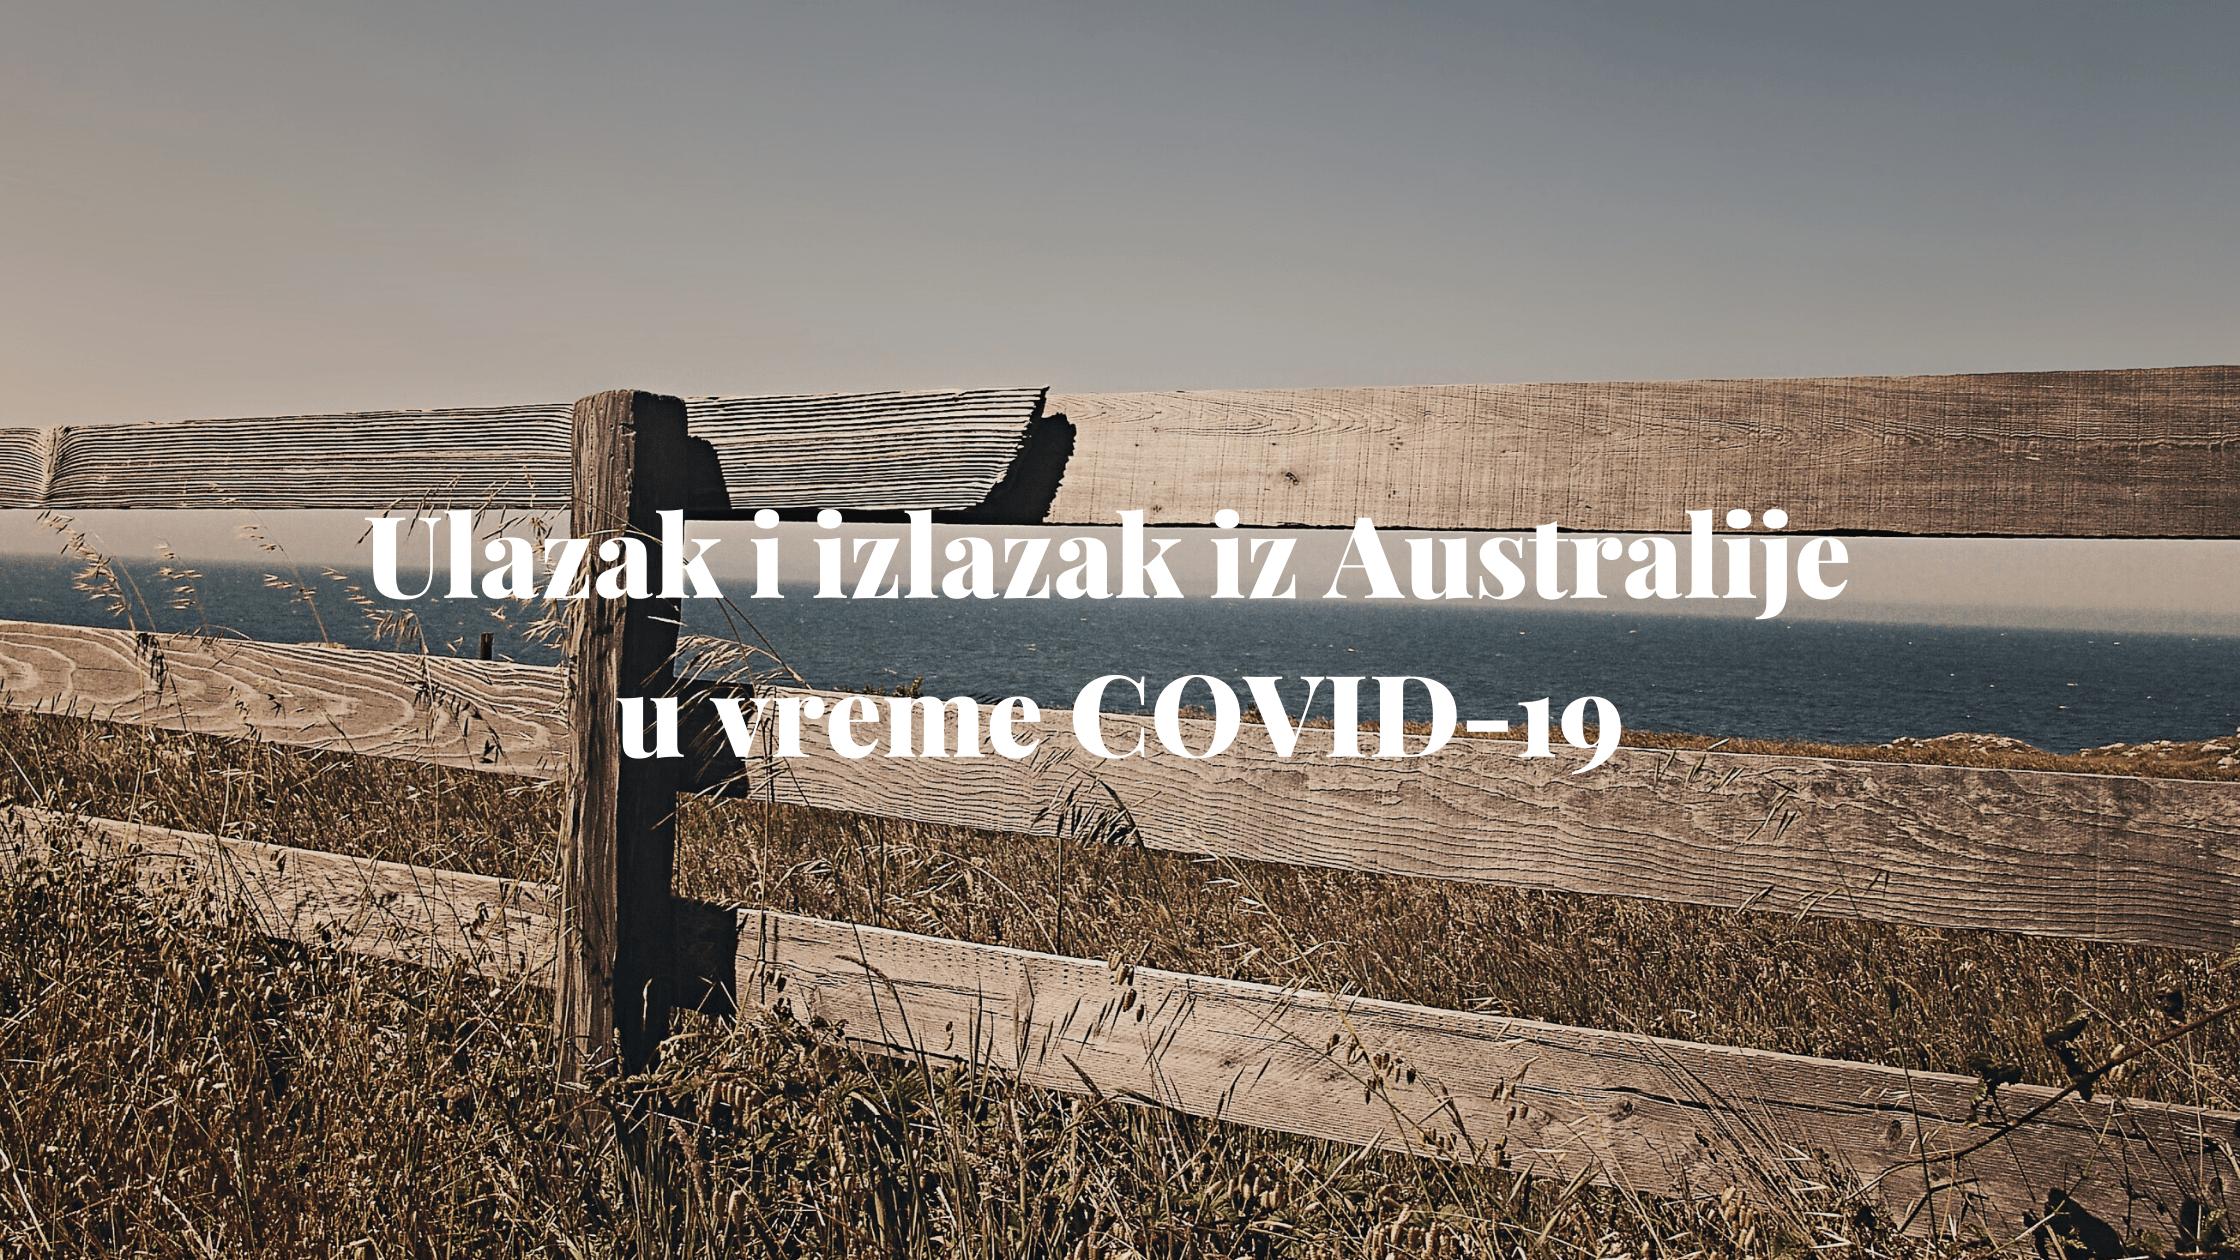 Ulazak i izlazak iz Australije u vreme COVID-19 3